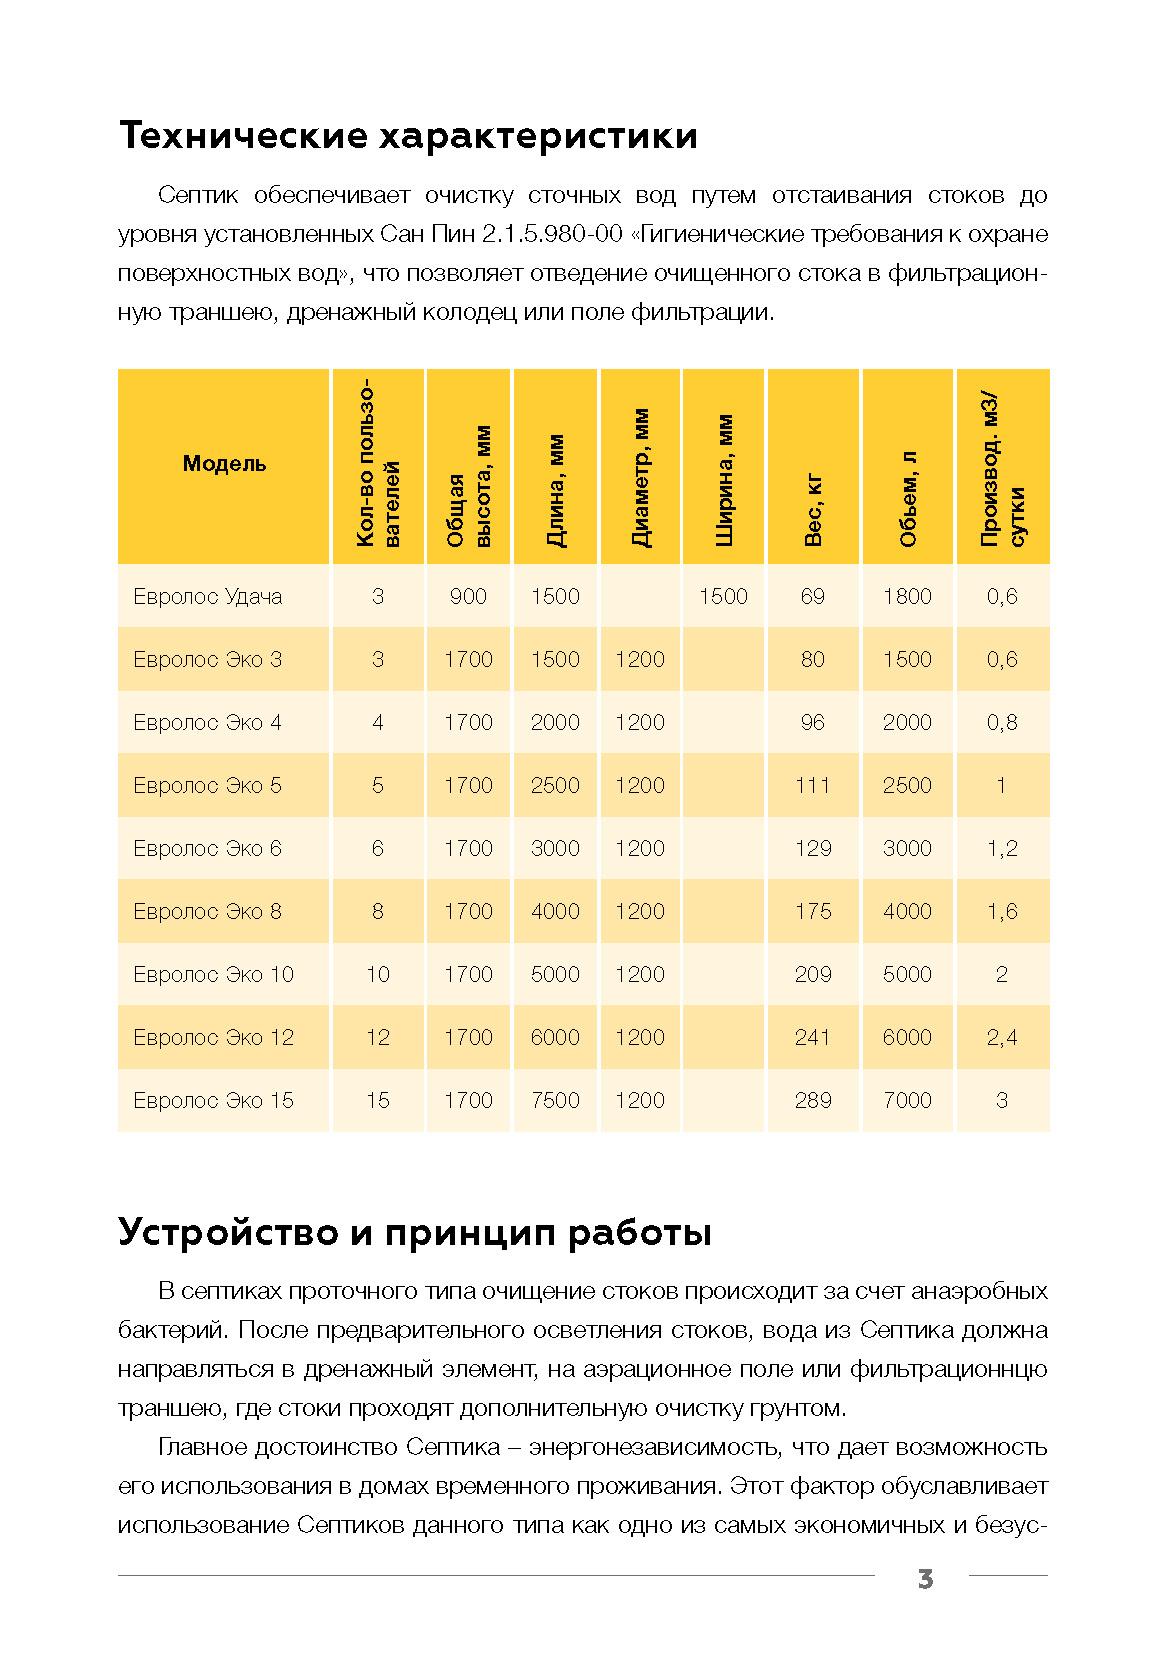 Технический паспорт Евролос Эко_Удача_Страница_05